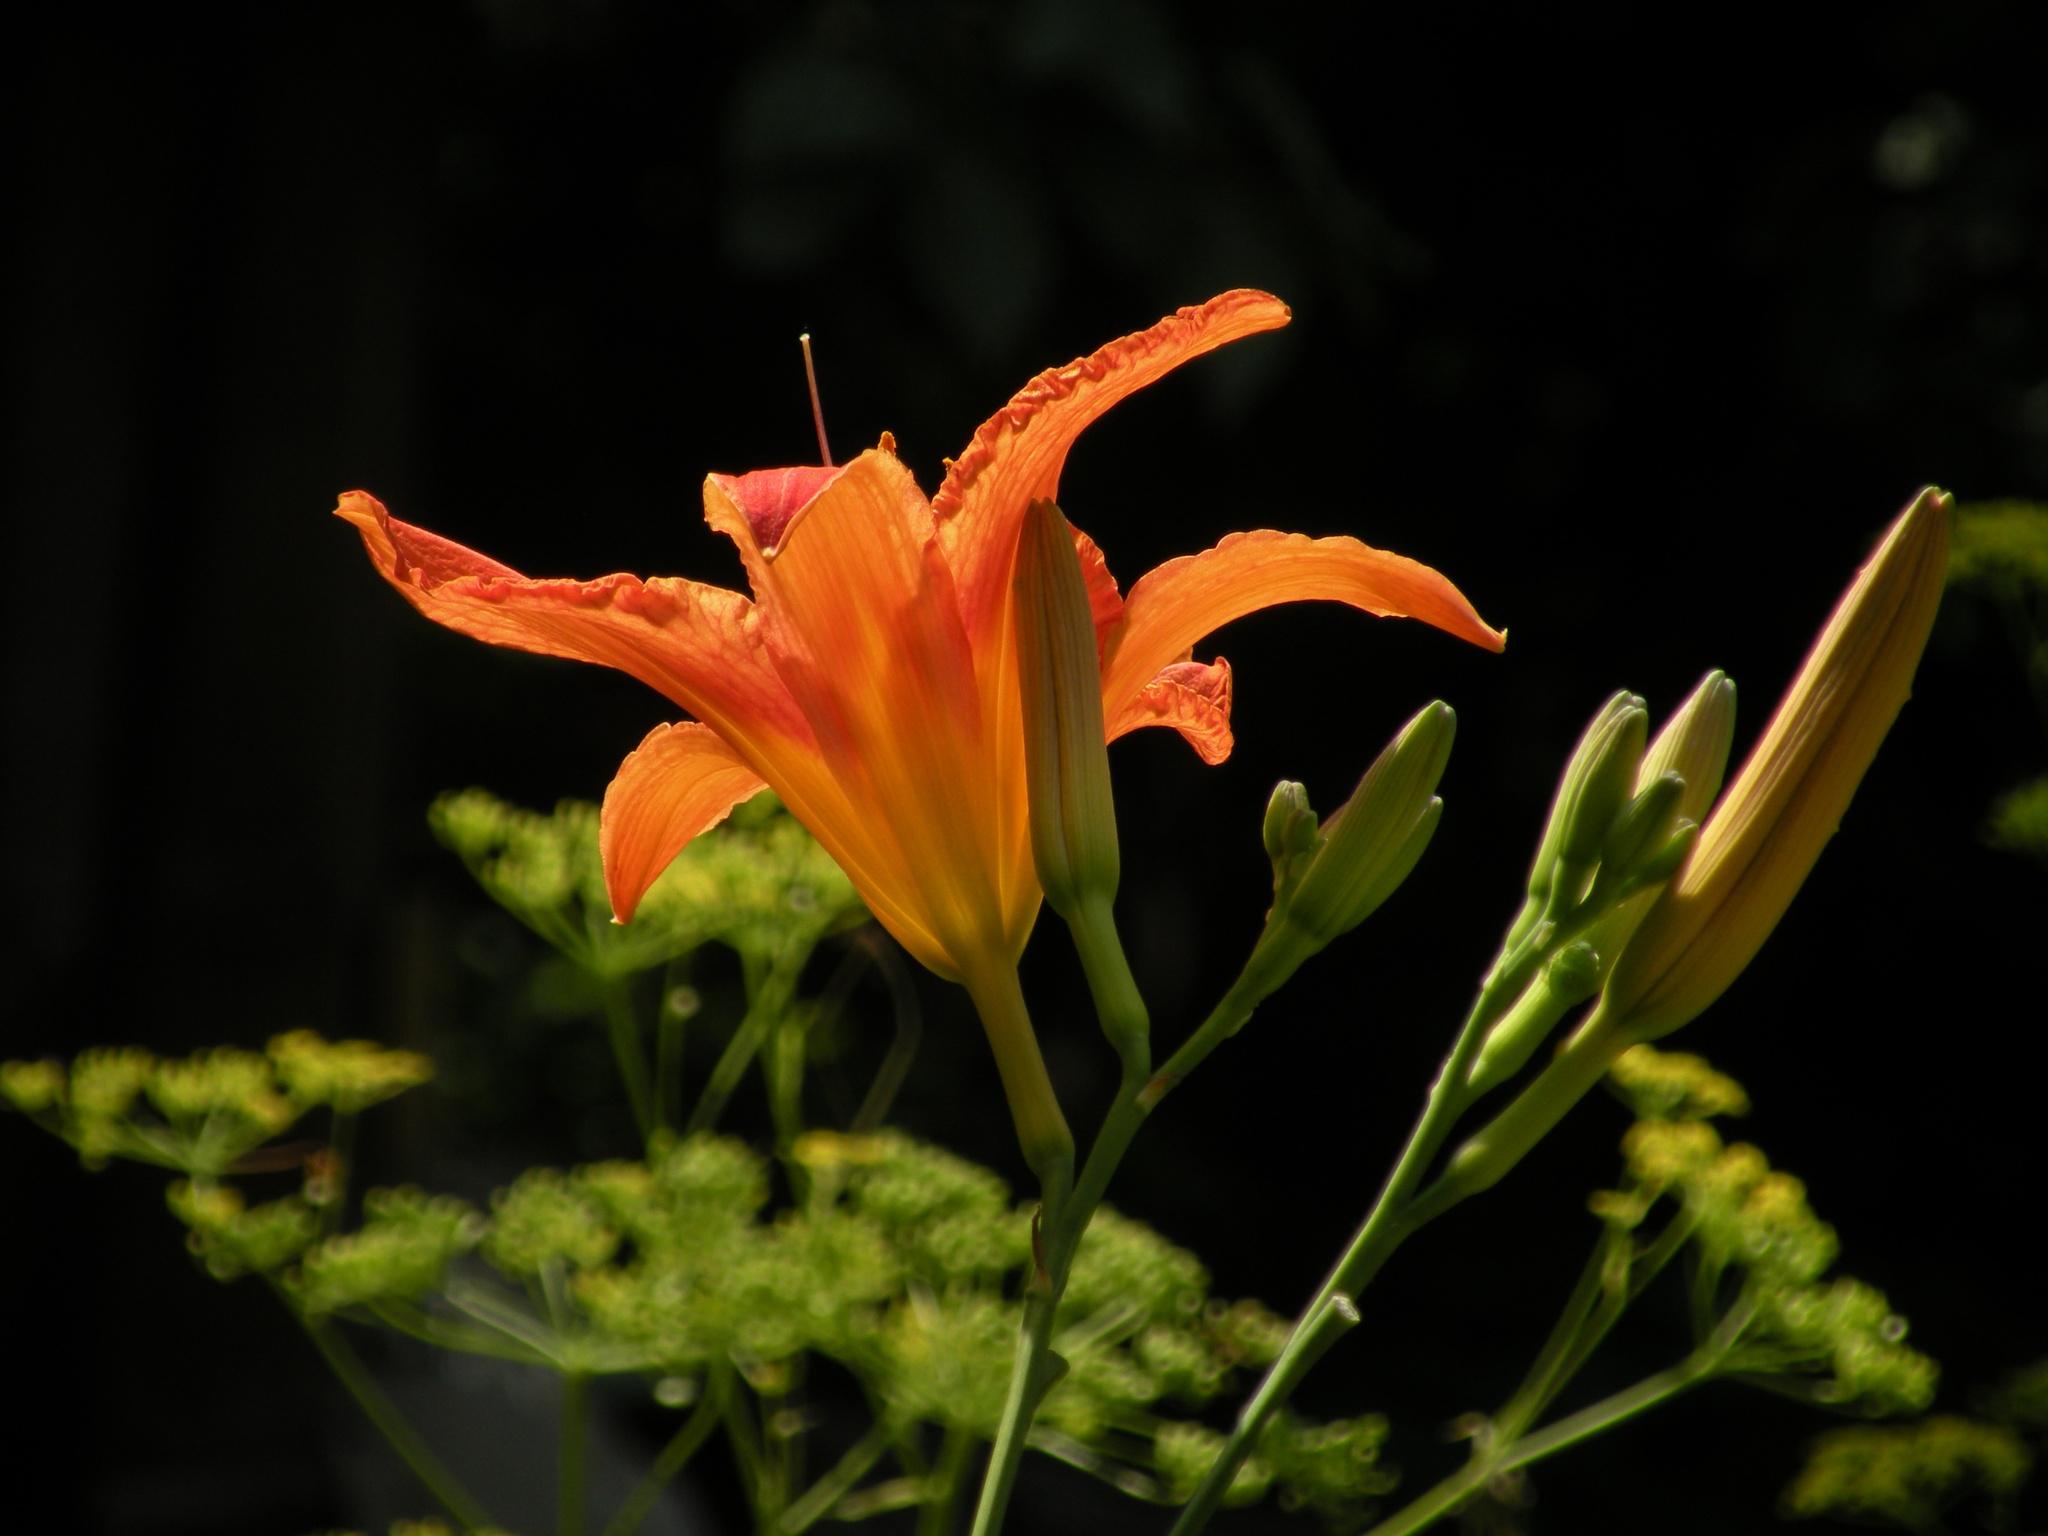 Lily flower by Alexandr  V. Seleznov